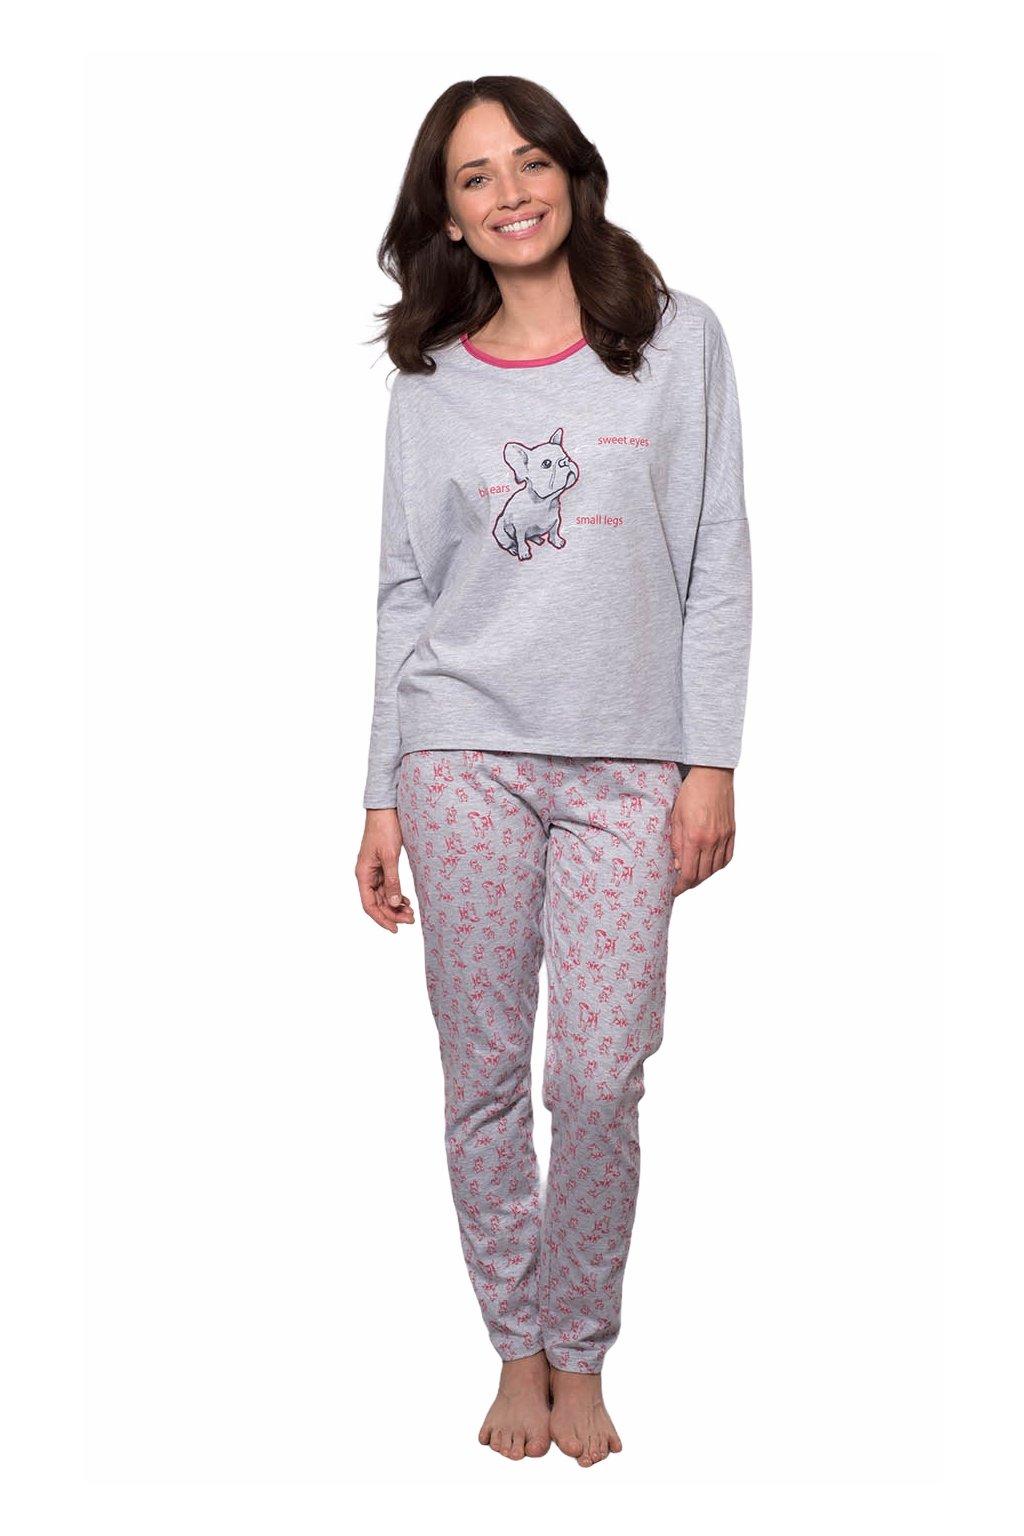 Dámské pyžamo s dlouhým rukávem, 104532 30, šedá